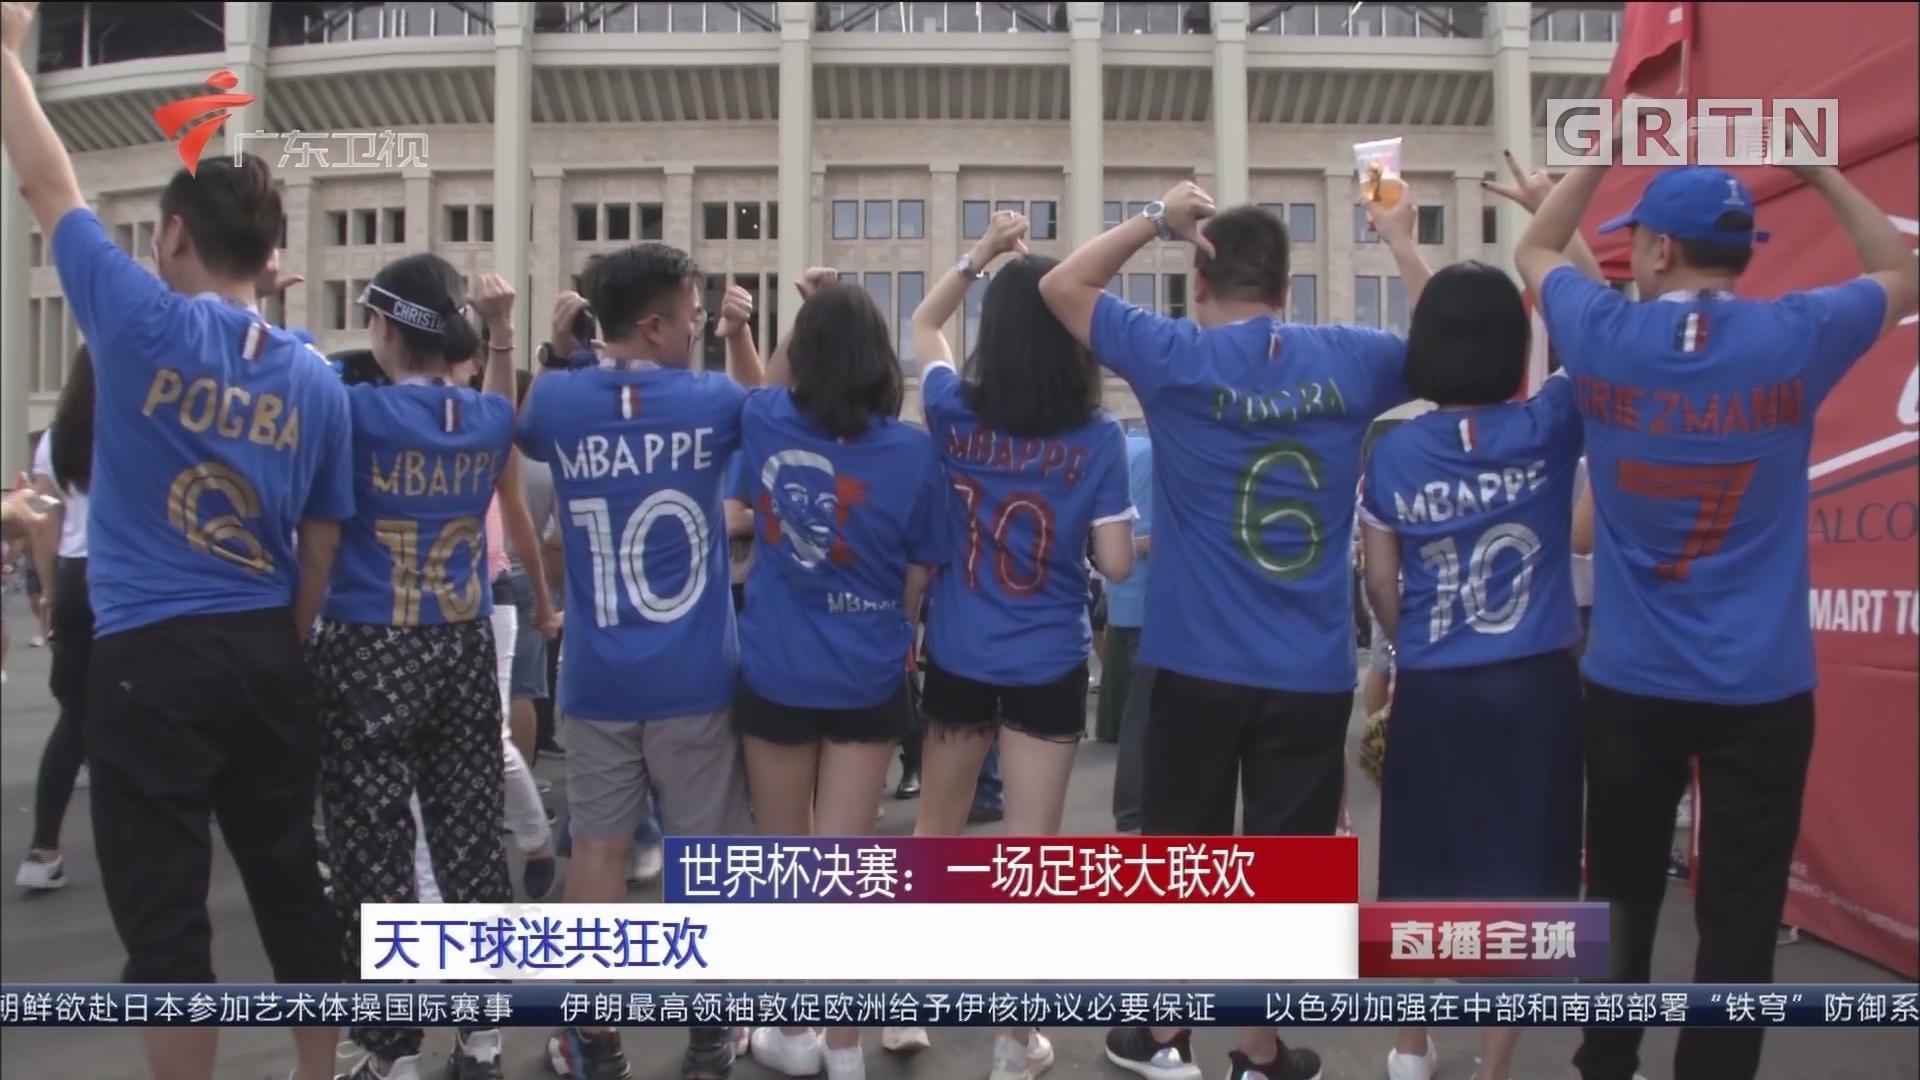 世界杯决赛:一场足球大联欢 天下球迷共狂欢